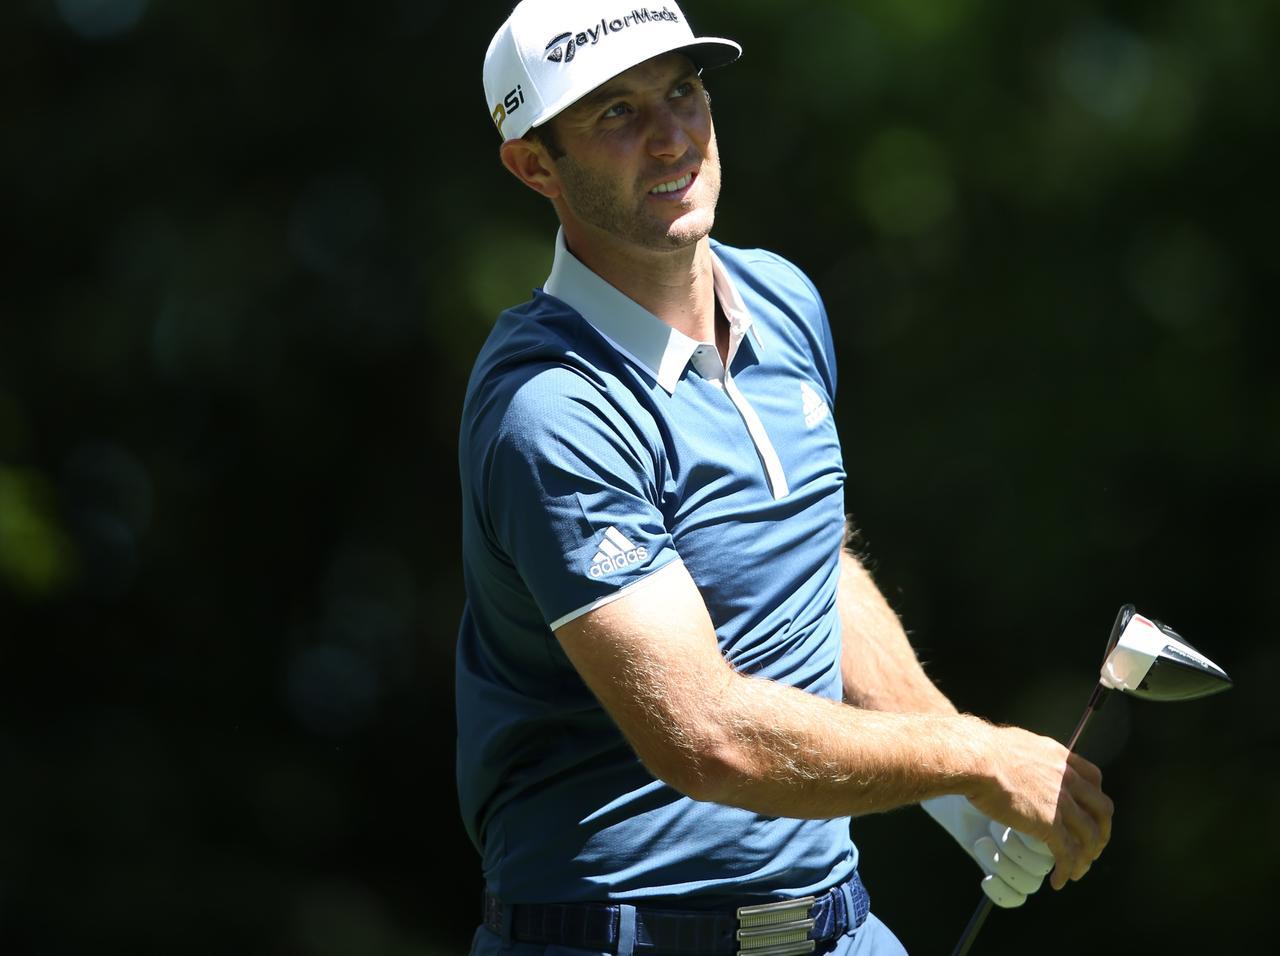 画像: ダスティン・ジョンソンのココが凄い!PGAツアー スウィング超解説④ - みんなのゴルフダイジェスト